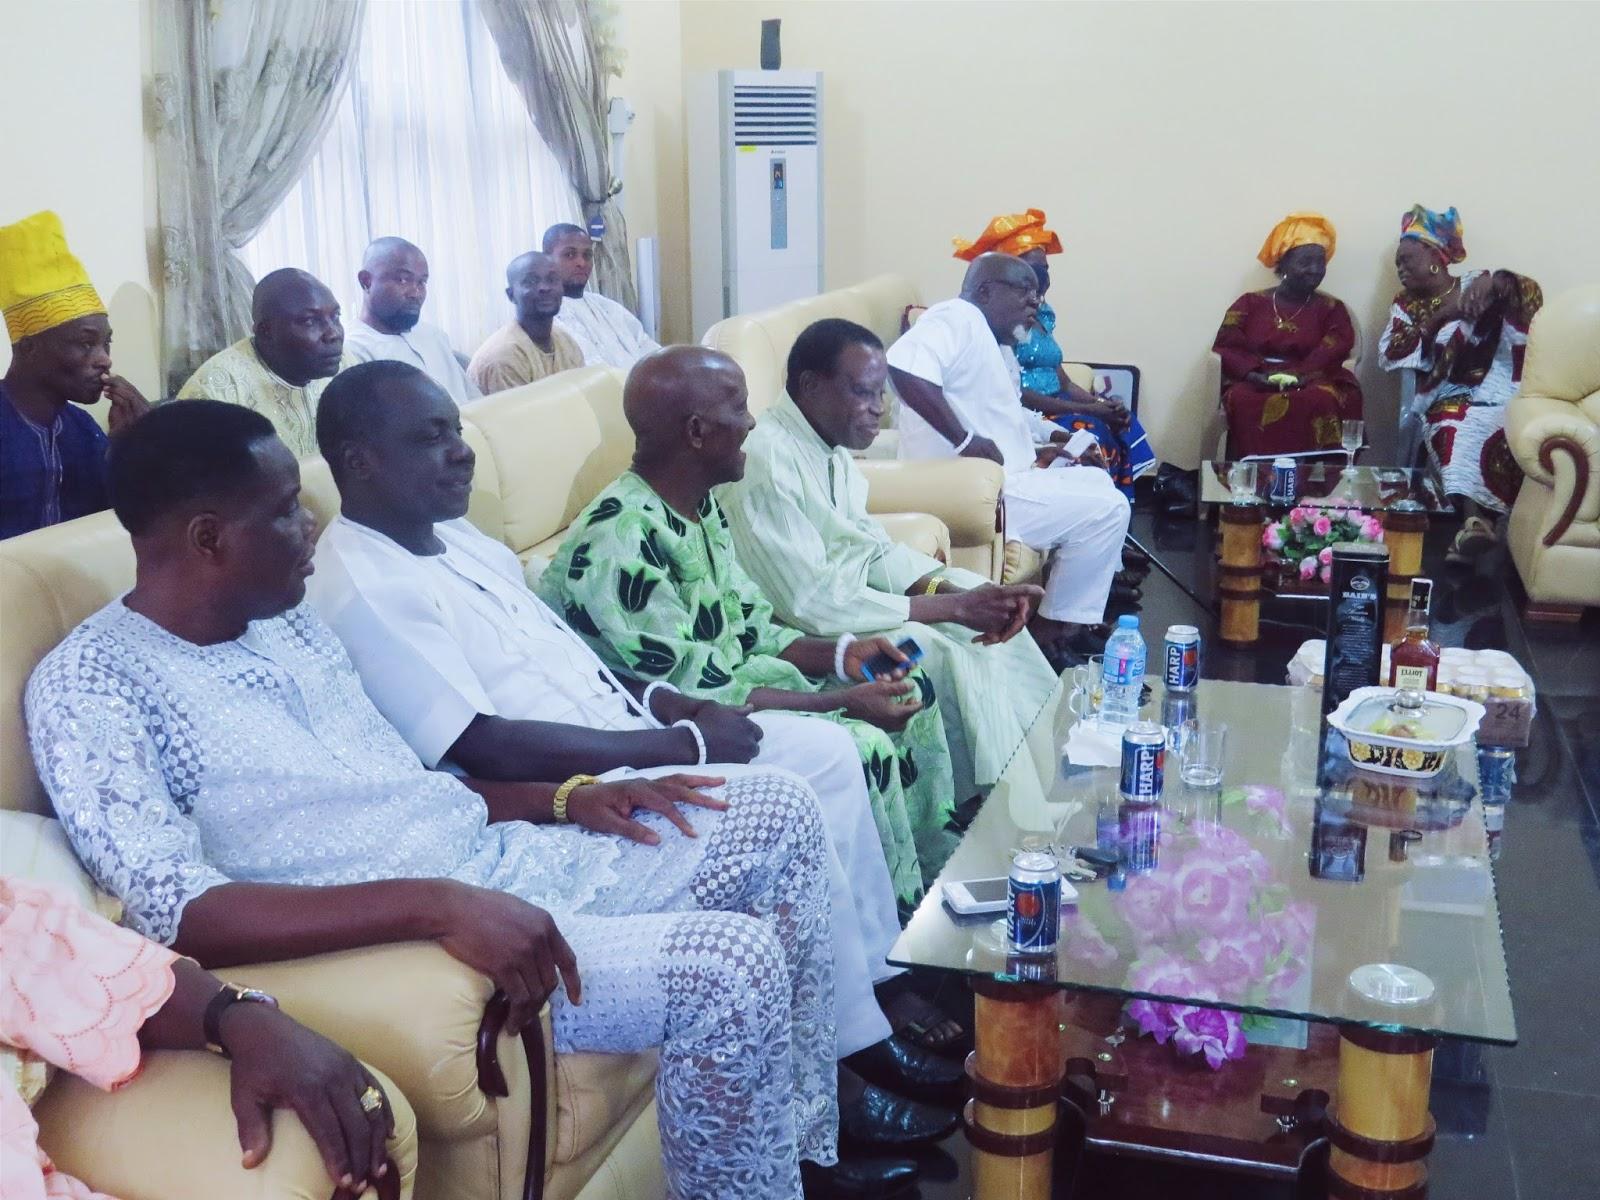 Bini. bini marriage, bini traditional marriage, Edo marriage, Edo attire, edo traditional rites, Benin marriage, Bini bride, Bini bridal attire, Bini tradition, Bini wedding, Bini couple